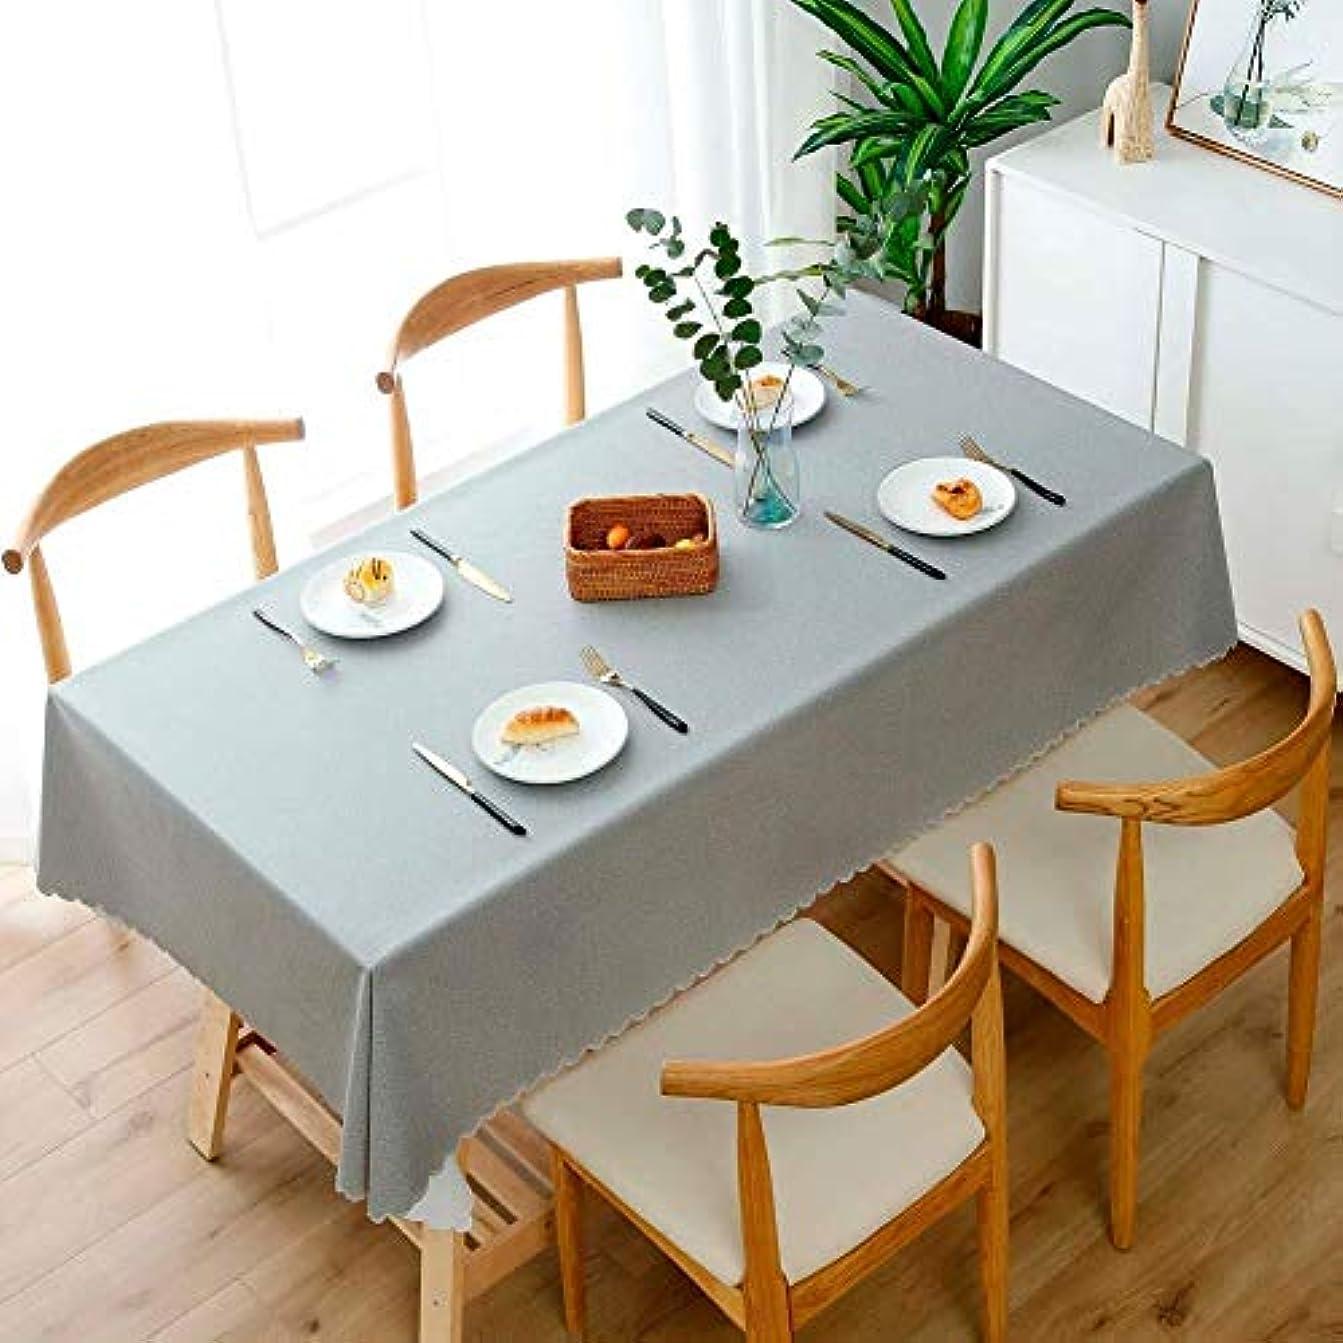 支援する恥アベニュークリスマス テーブル クロス テーブルクロスワイプクリーンテーブルクロス長方形テーブルクロス防水?防油テーブルカバー熱や耐湿性多目的屋内と屋外 (Color : Light Gray, Size : 120×160cm)